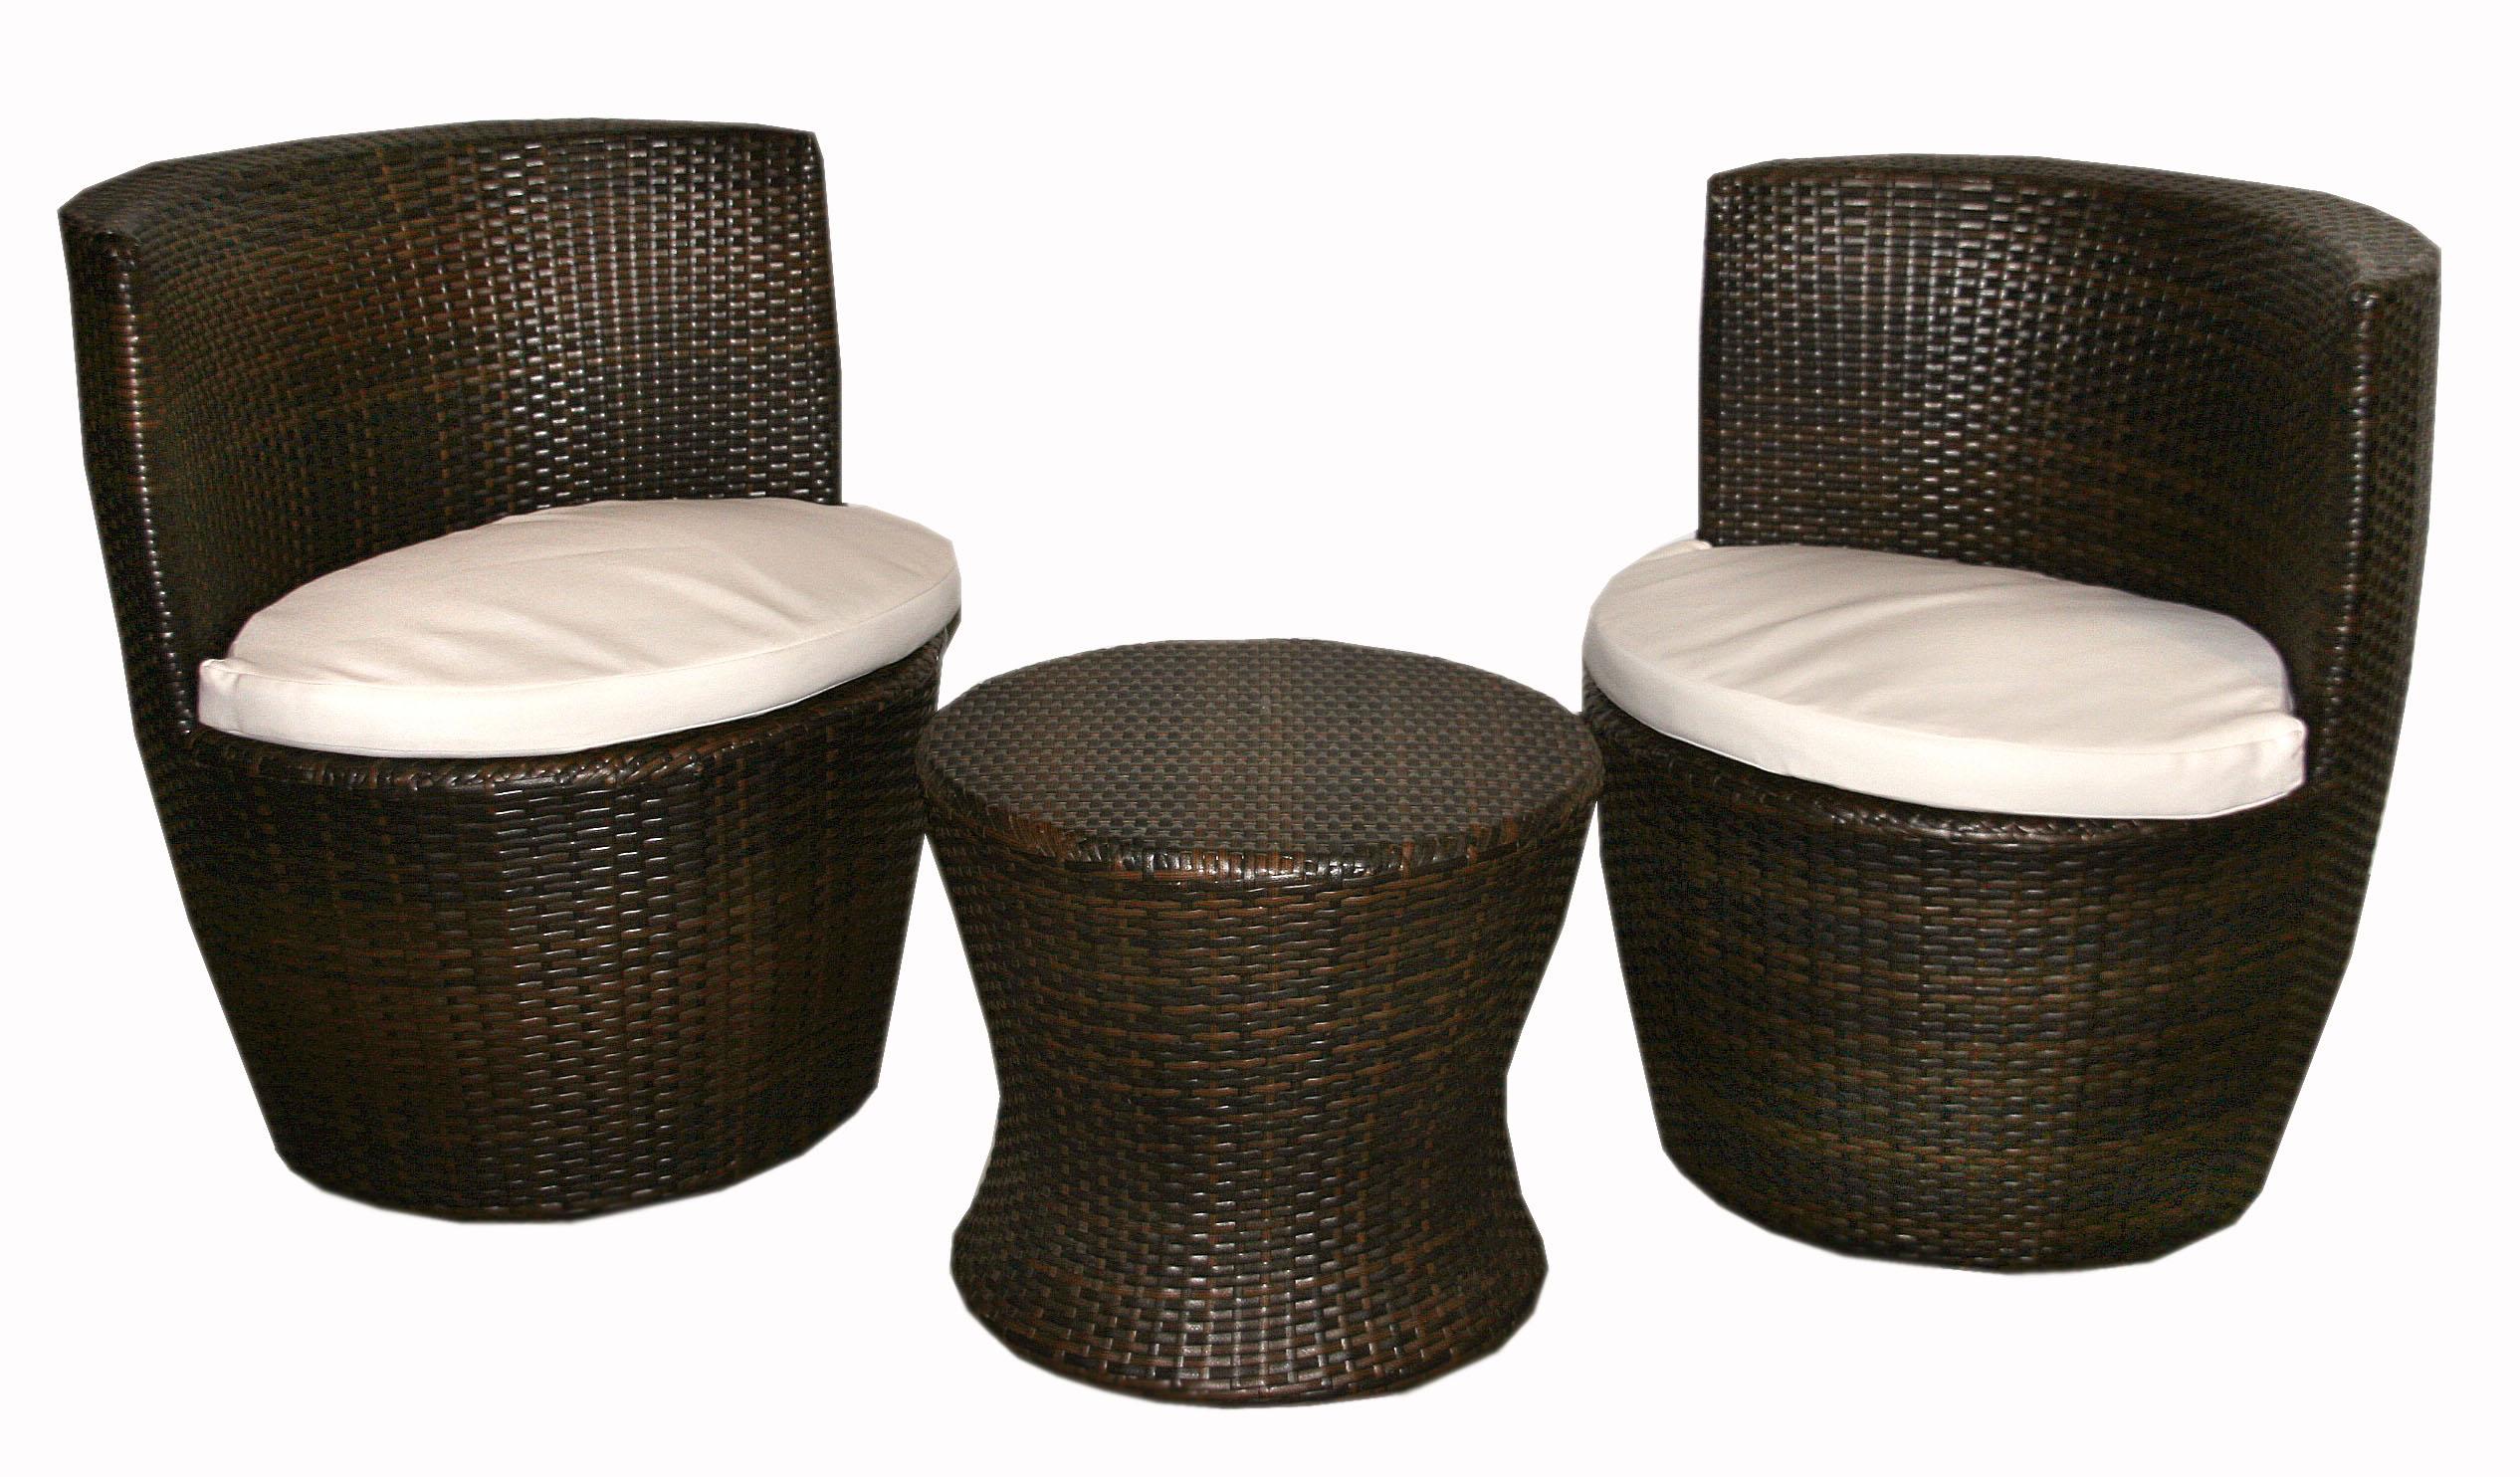 Alquiler de conjunto dos sillones mesa mimbre marr n - Sillas y sillones de mimbre ...